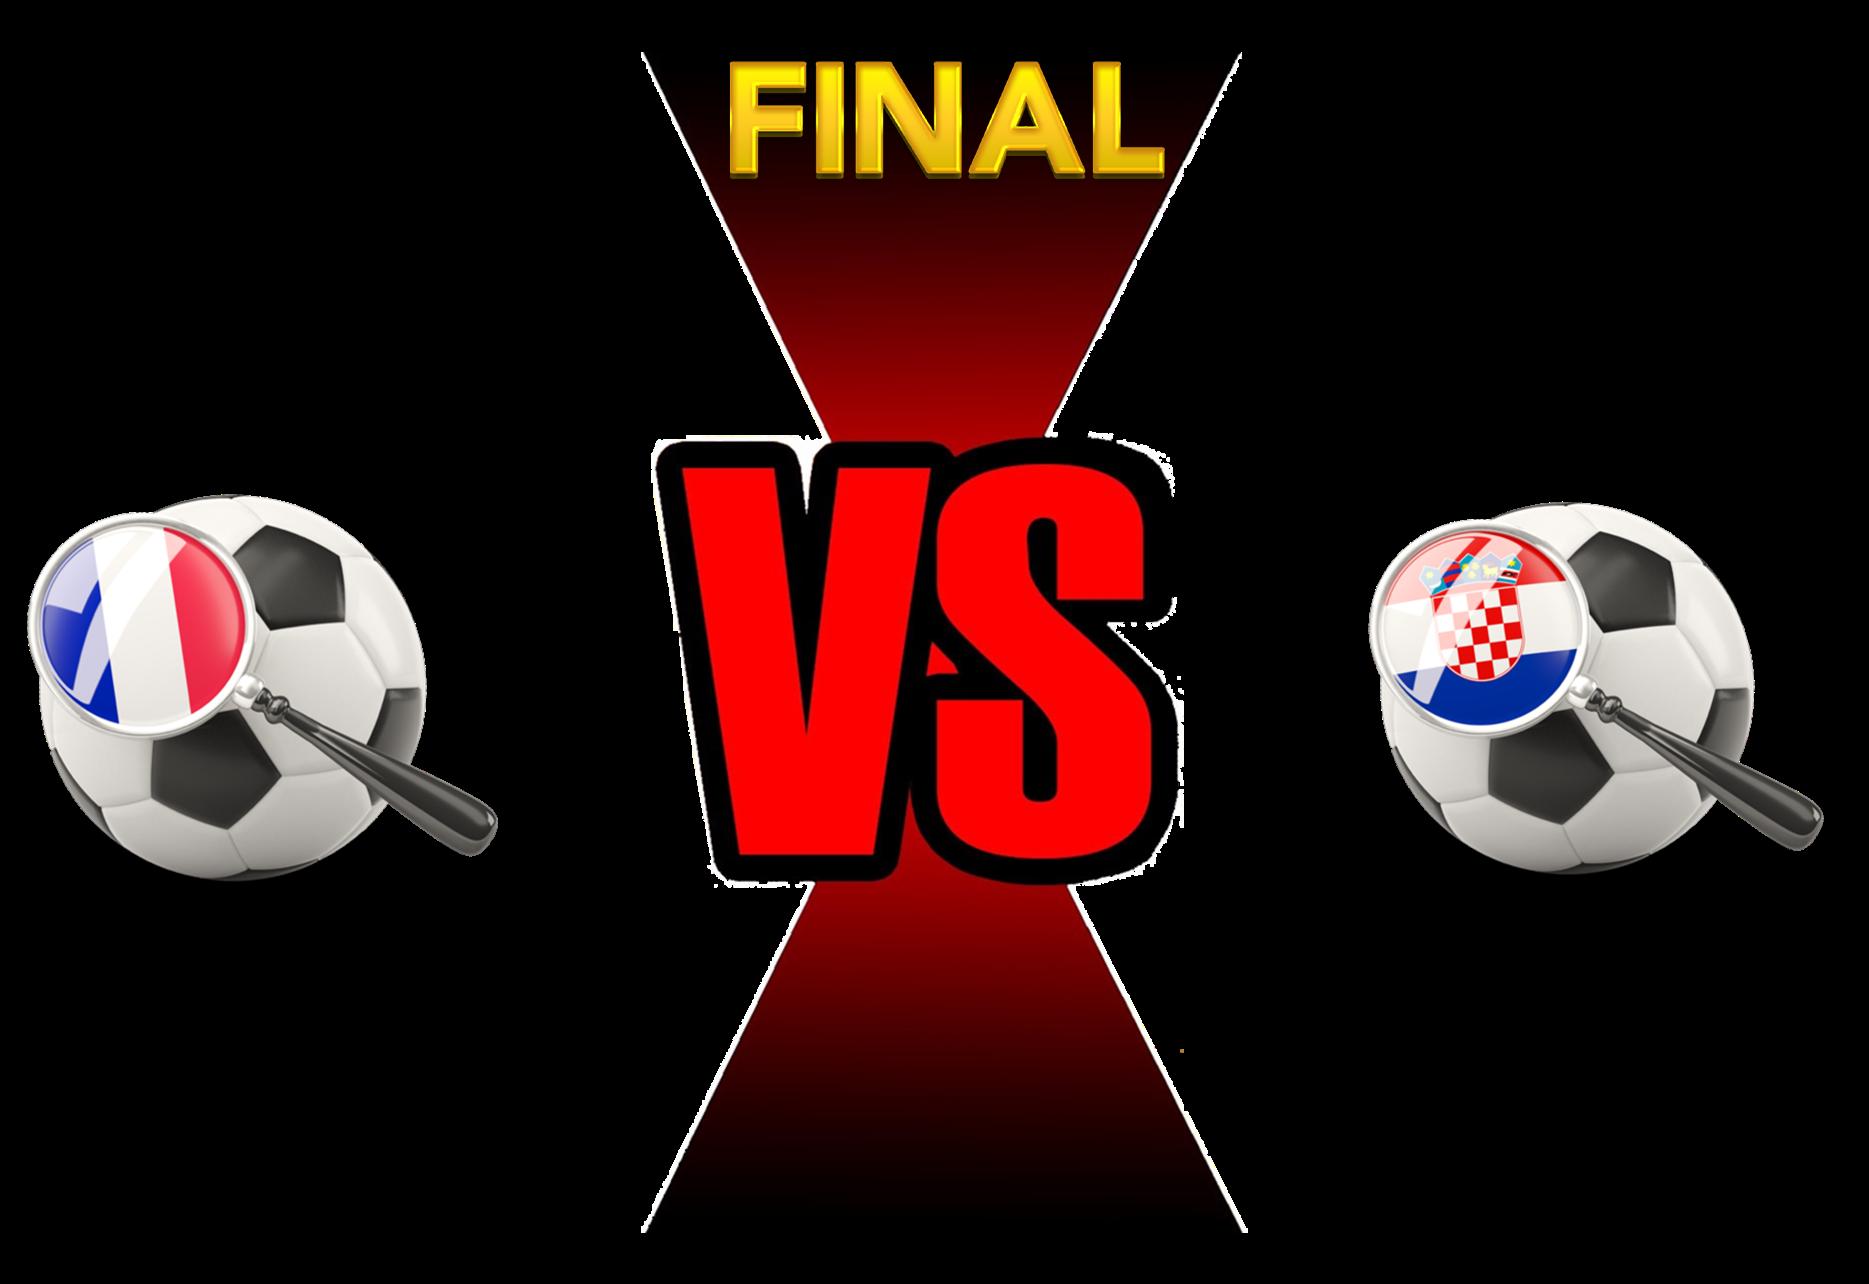 FIFA World Cup 2018 Final Match France VS Croatia PNG Image SVG Clip arts